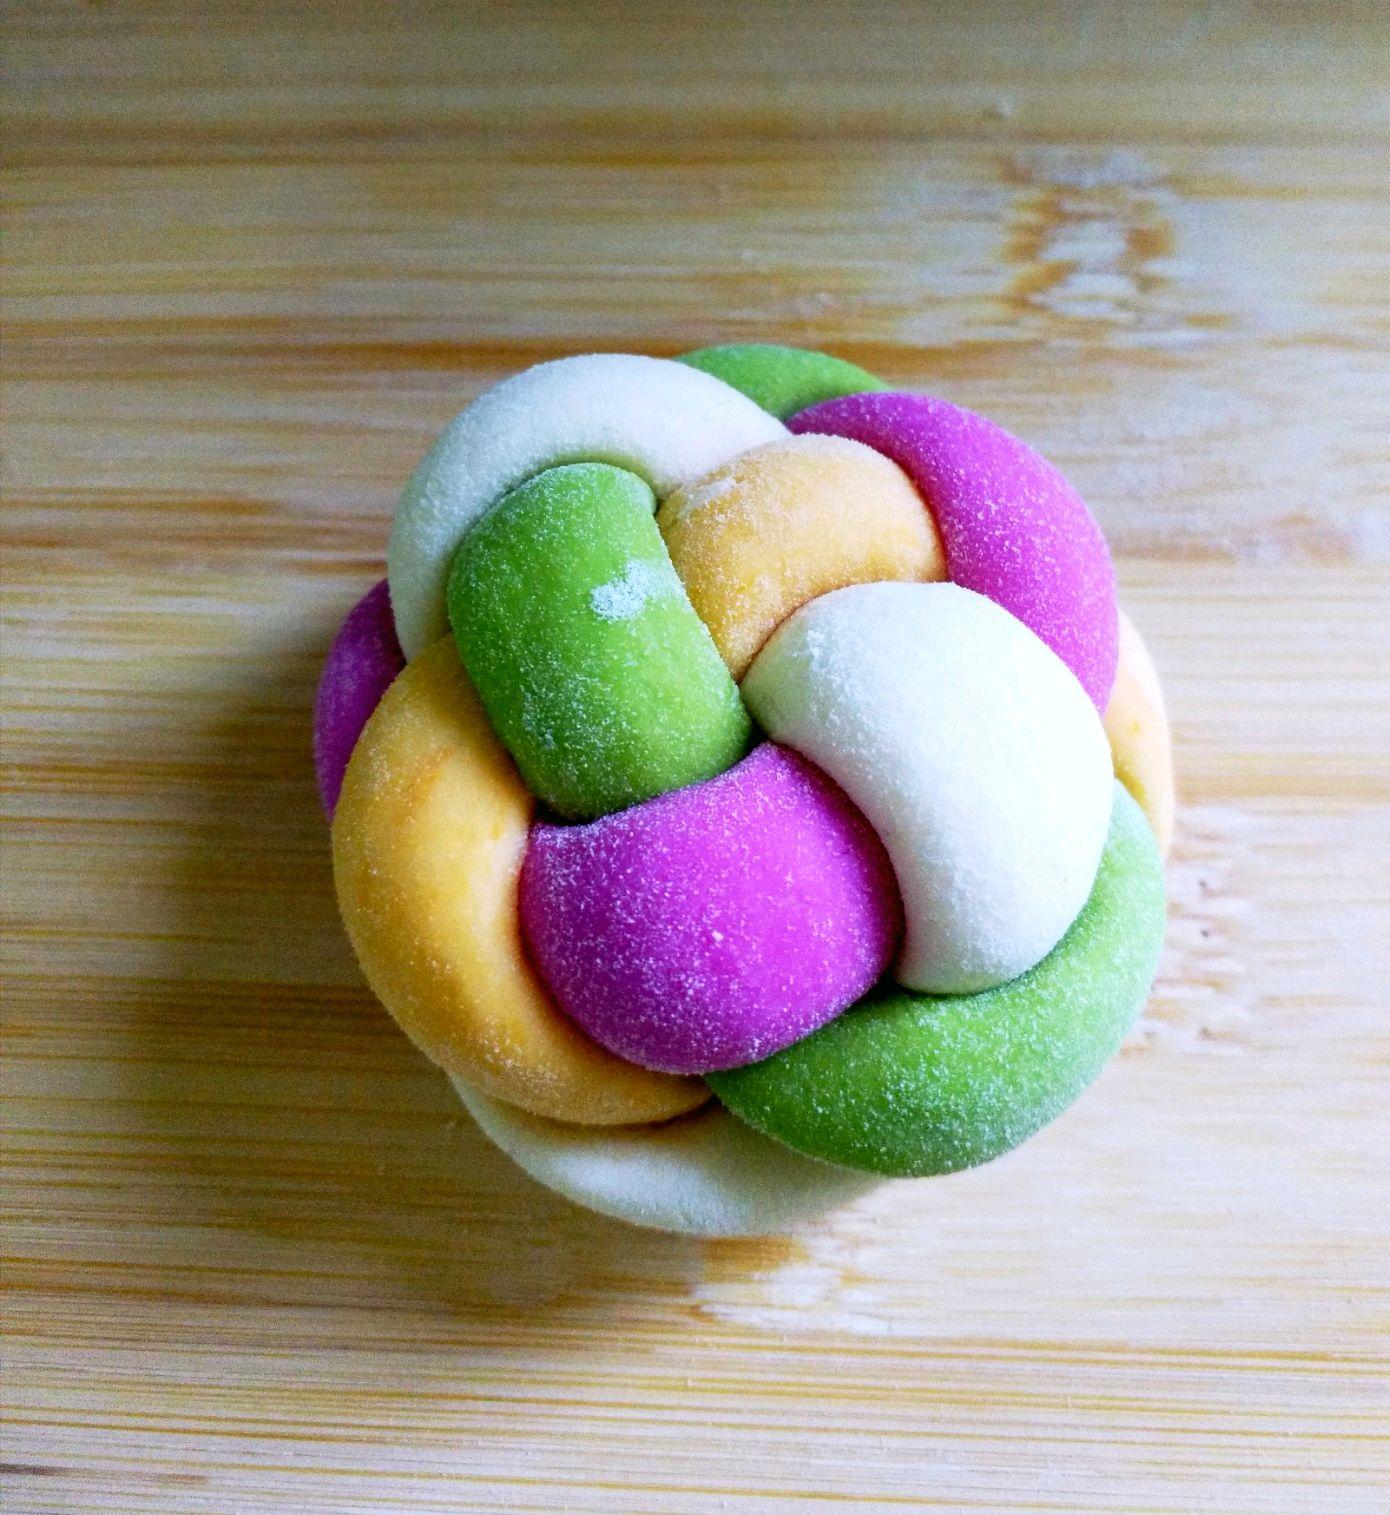 多彩蔬菜绣球馒头的做法图解12